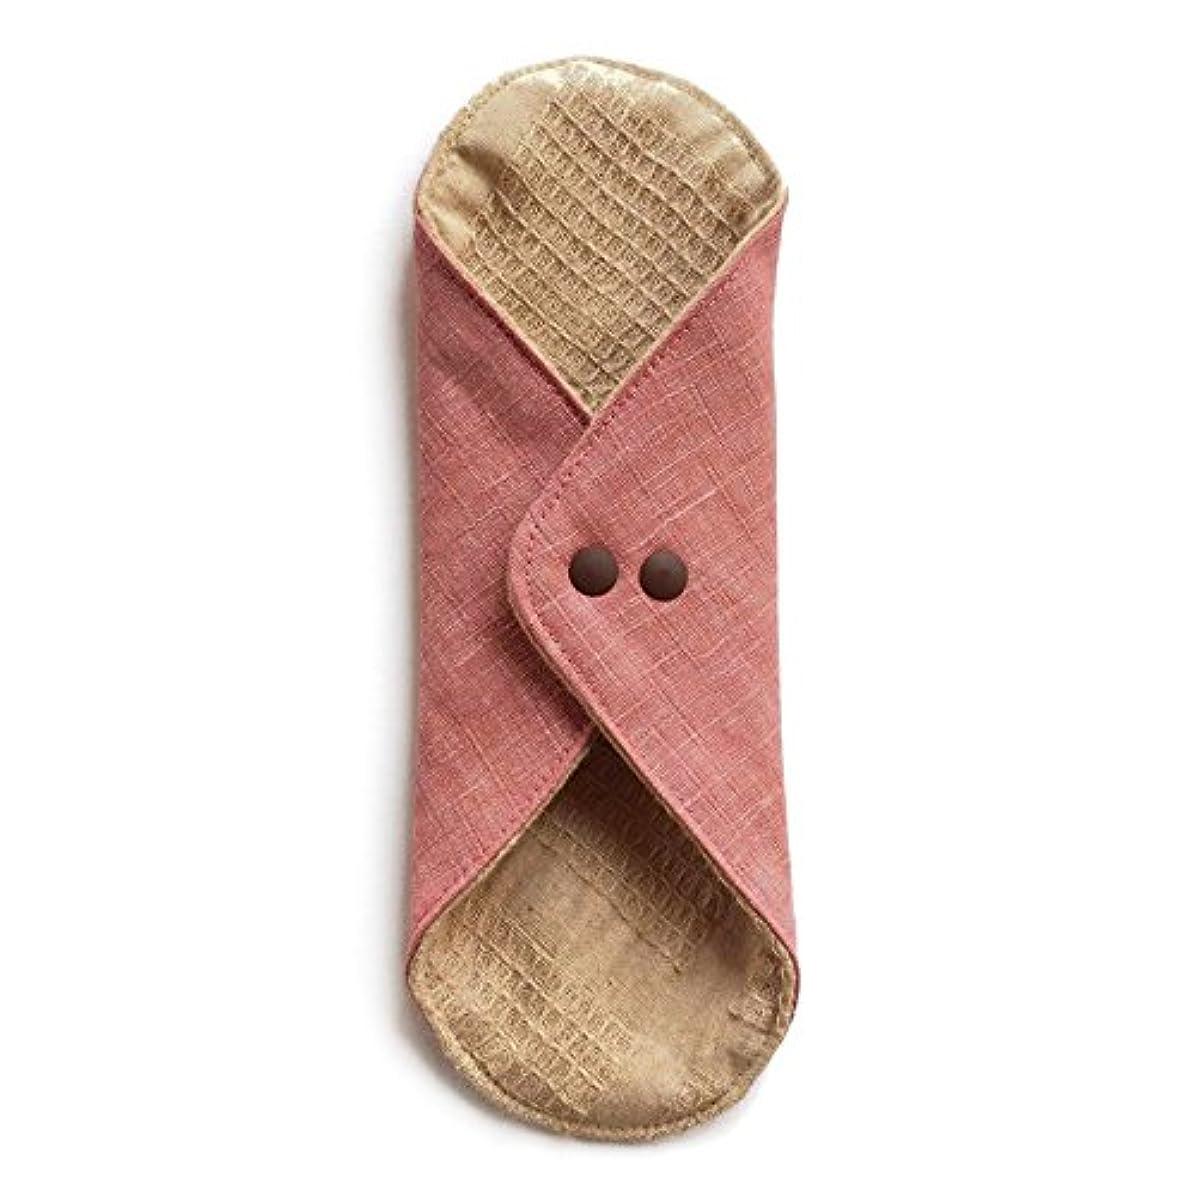 検出するマインドボルト華布のオーガニックコットンのあたため布 Lサイズ (約18×約20.5×約0.5cm) 彩り(桃)